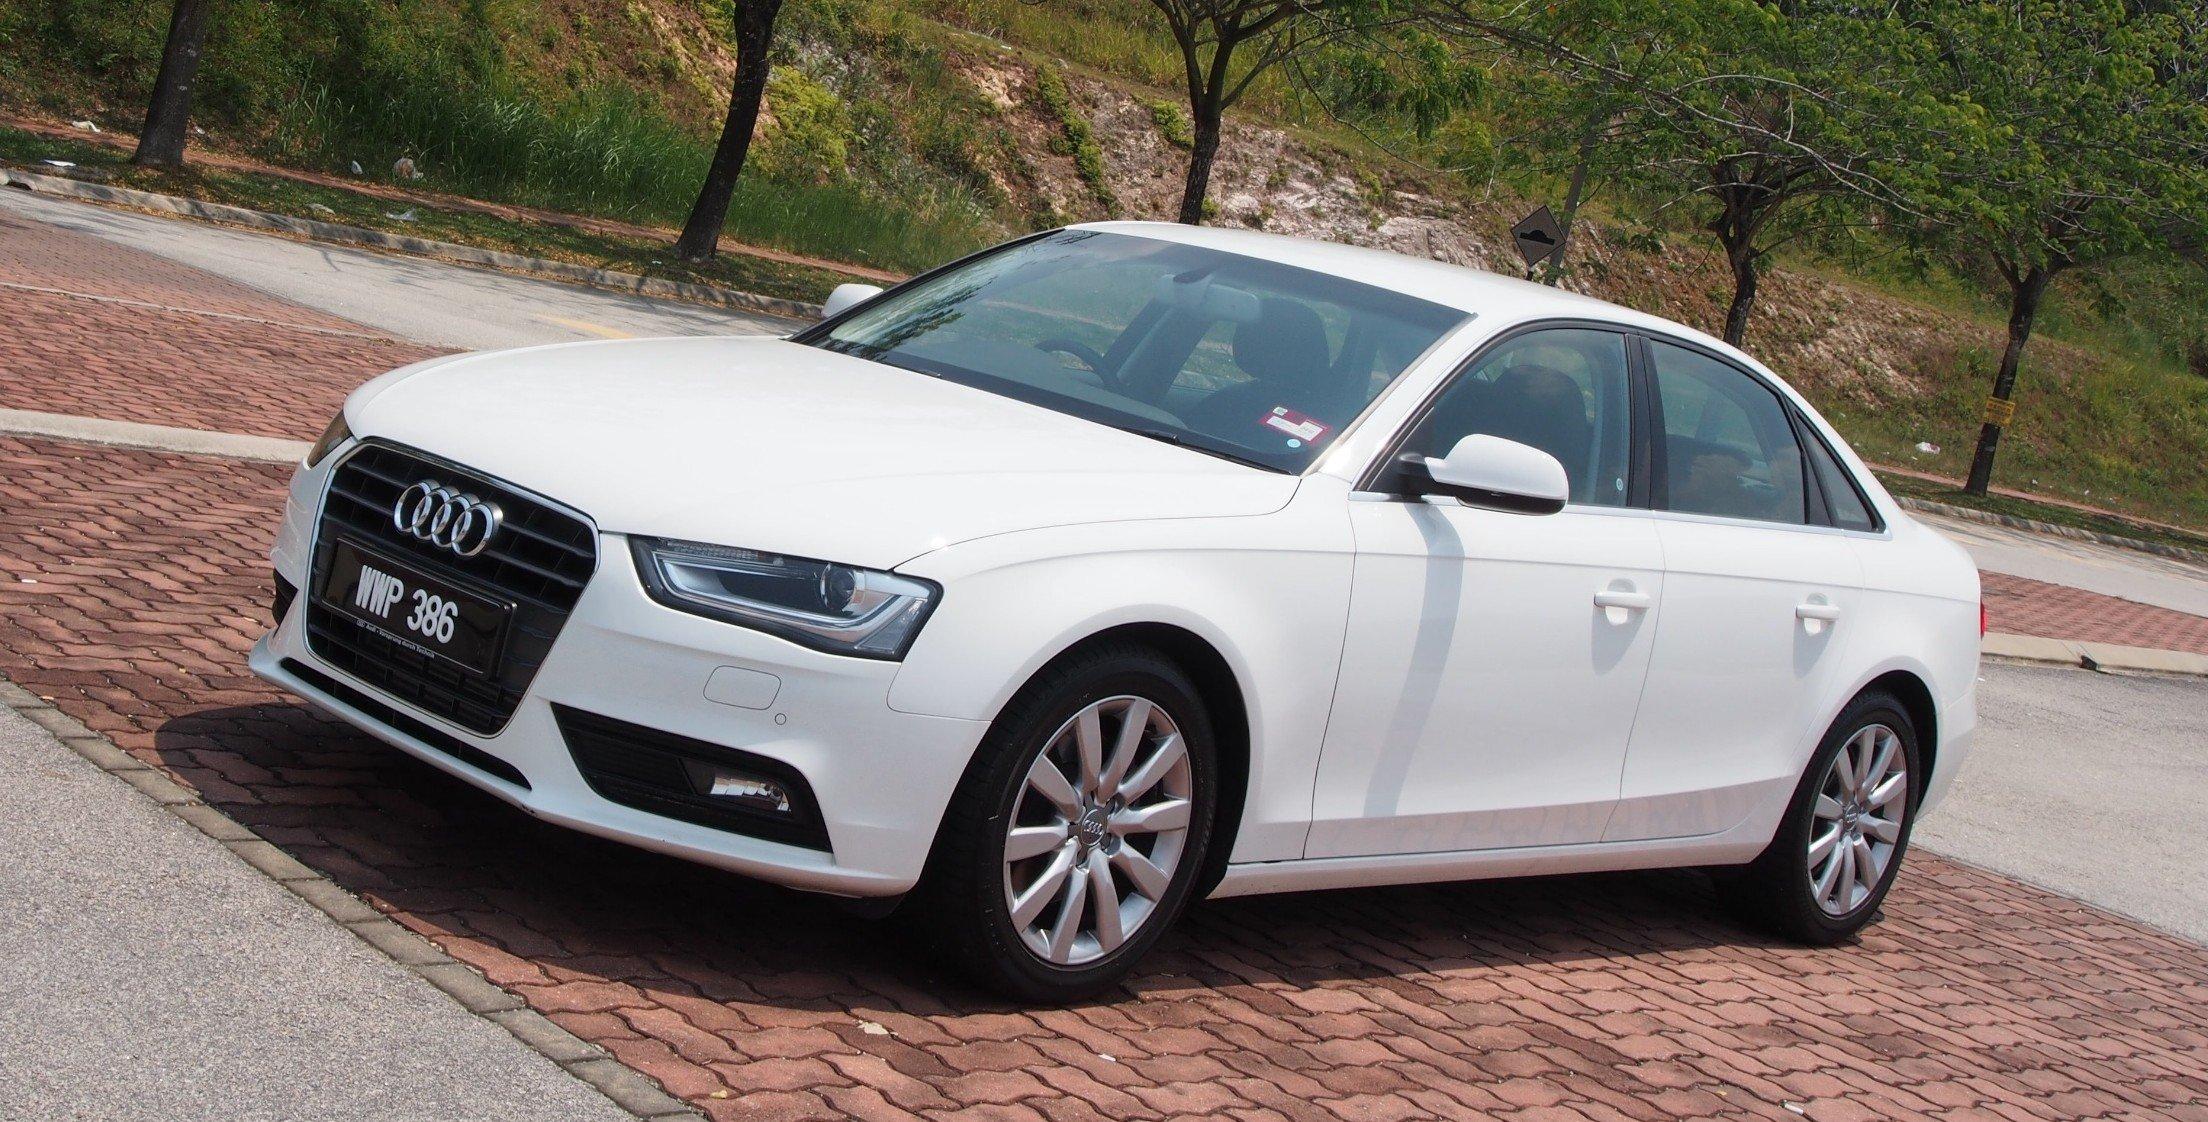 Kekurangan Audi A4 1.8 Review